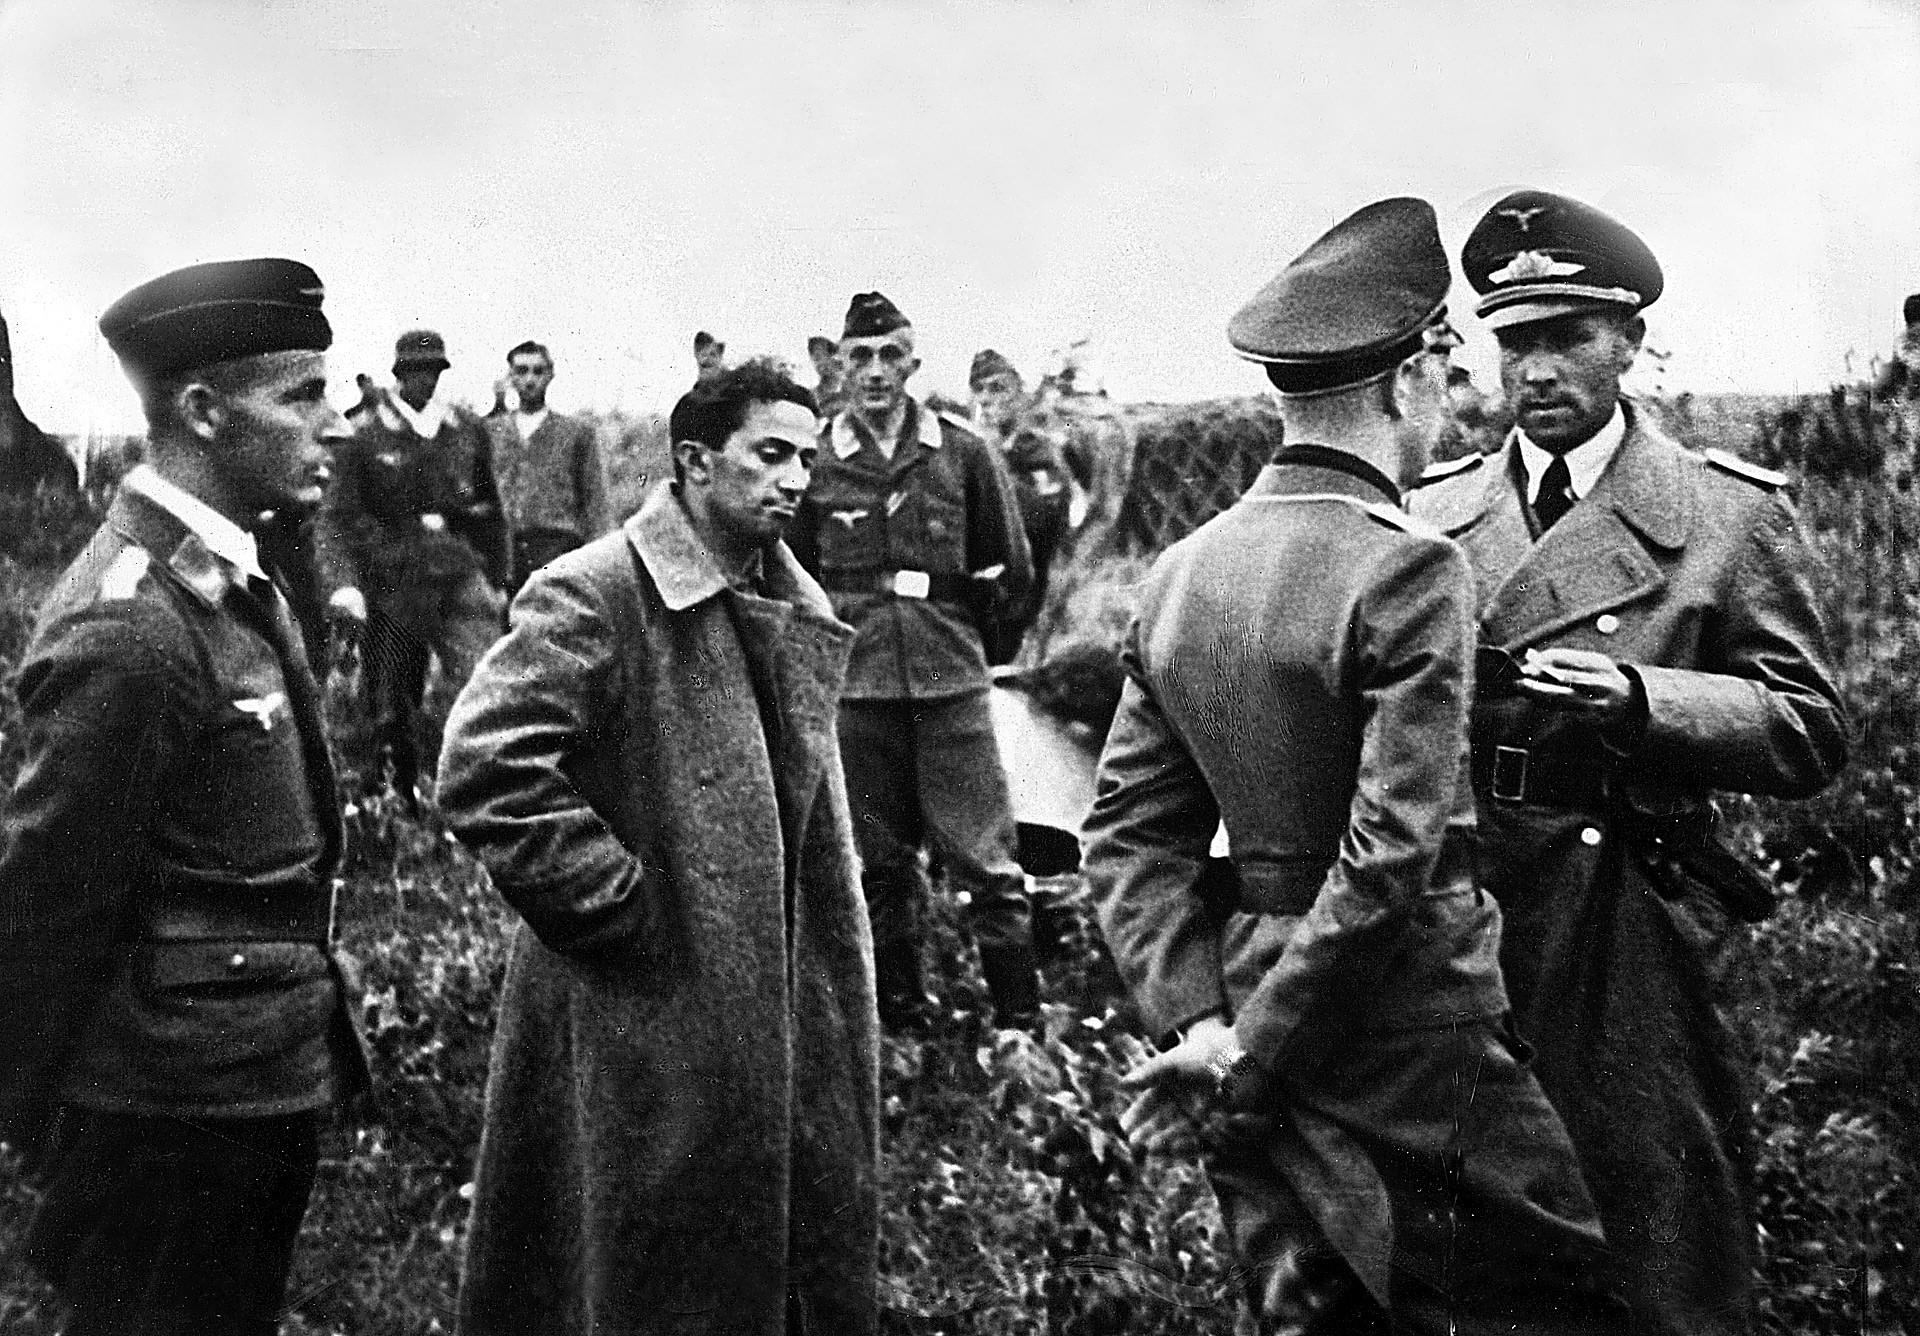 Првог Стљиновог сина Јакова Џугашвилија су заробили Немци. Није се вратио жив из заробљеништва. На слици је окружен немачким официрима.